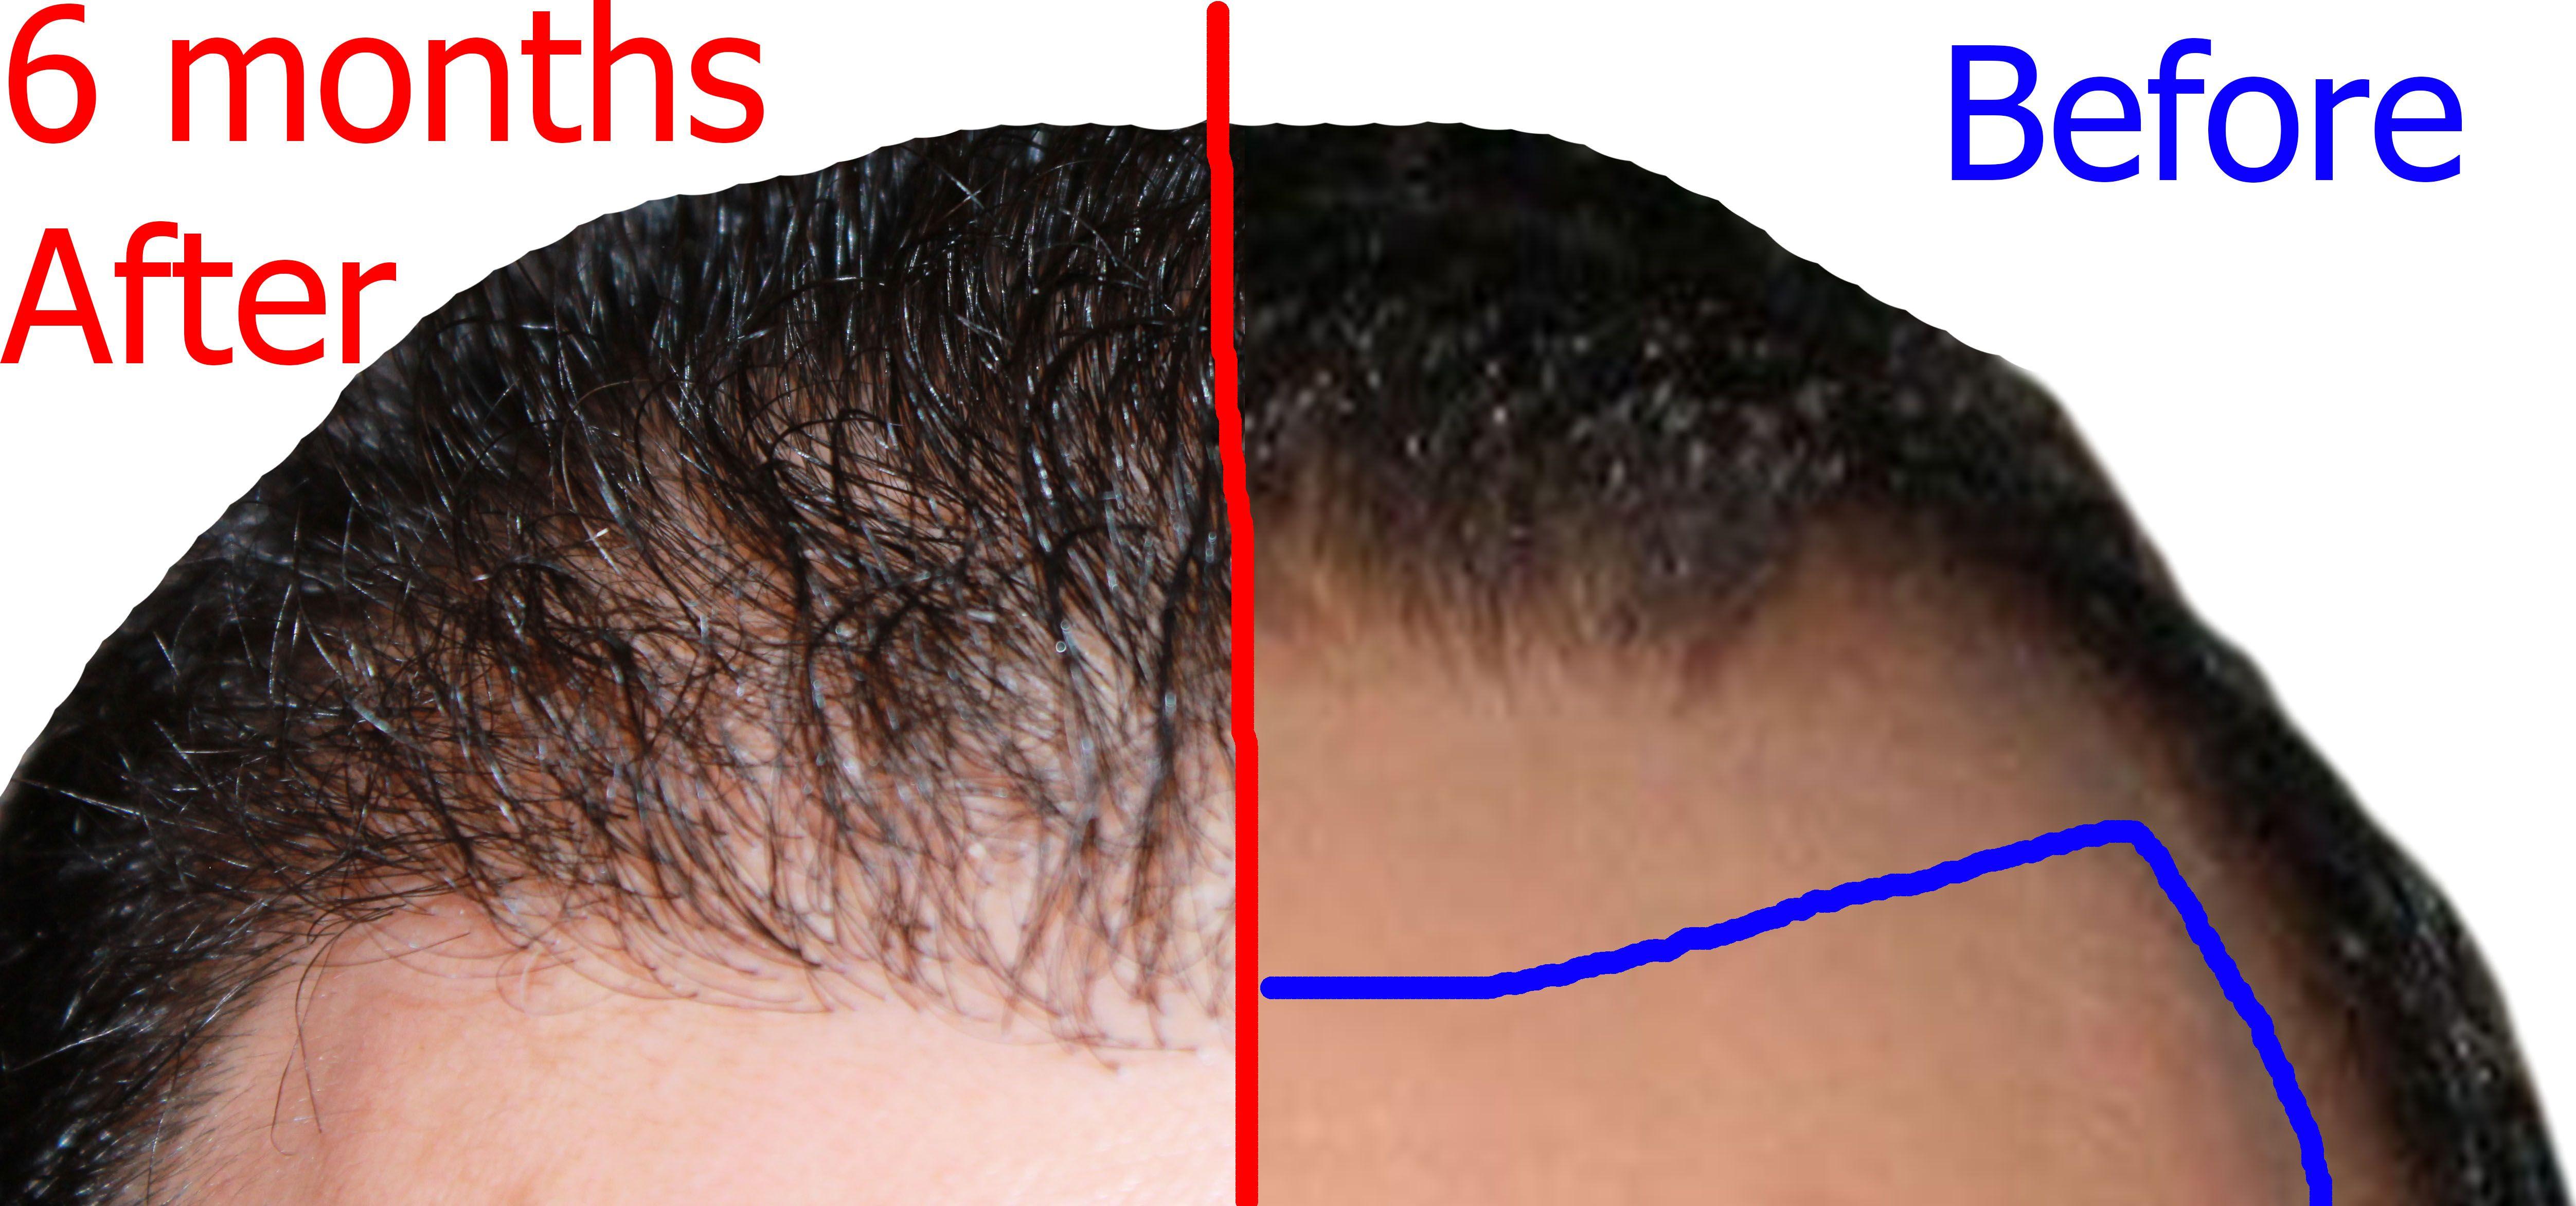 Combien poussent les cheveux par mois